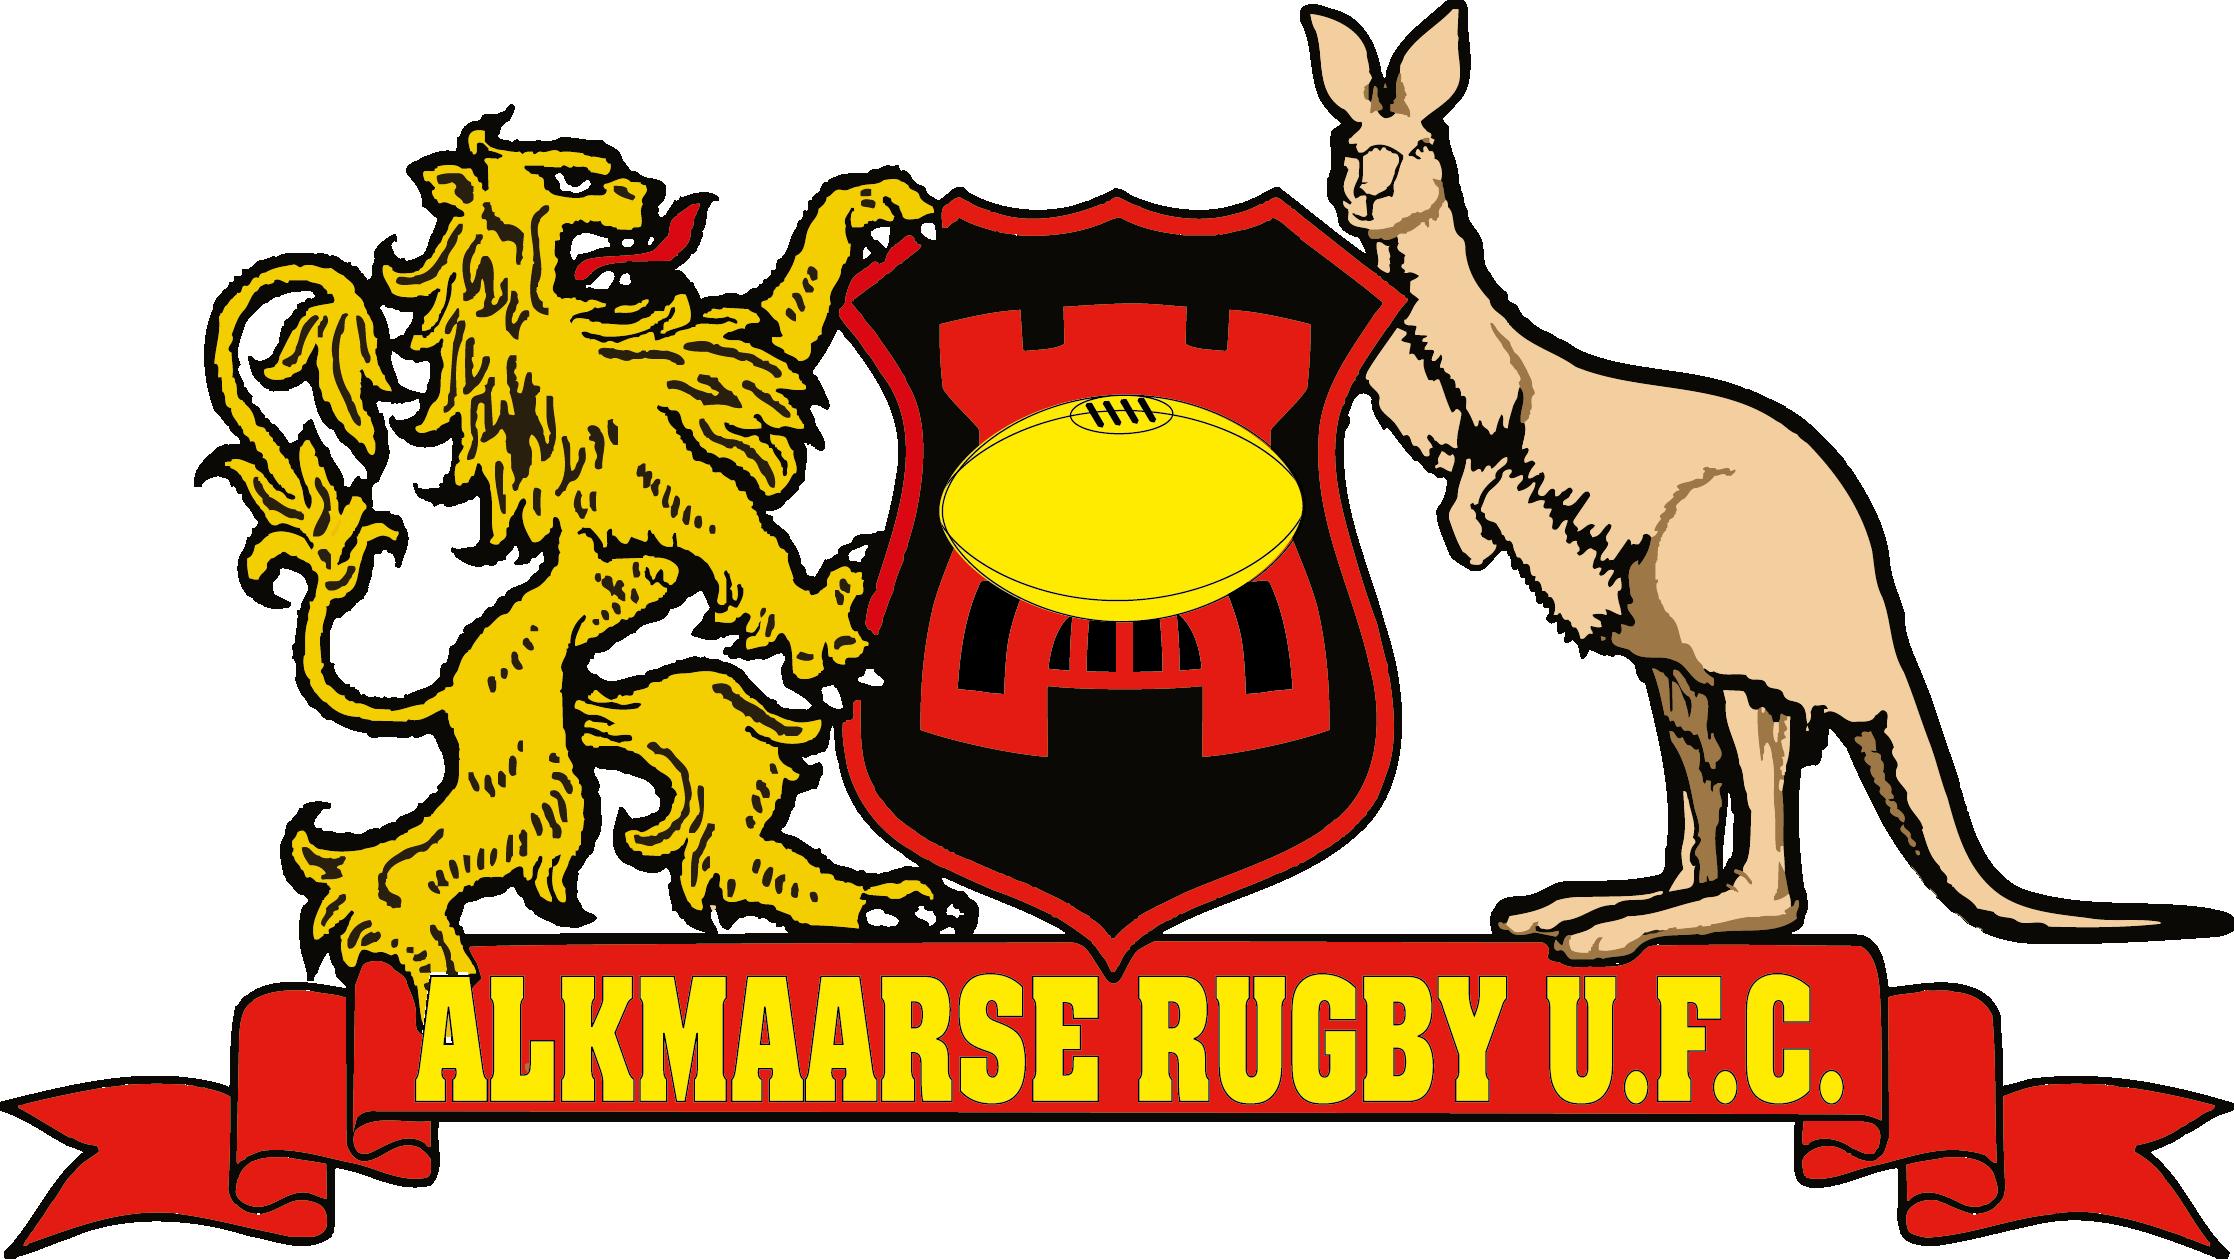 Alkmaarse Rugby U.F.C.